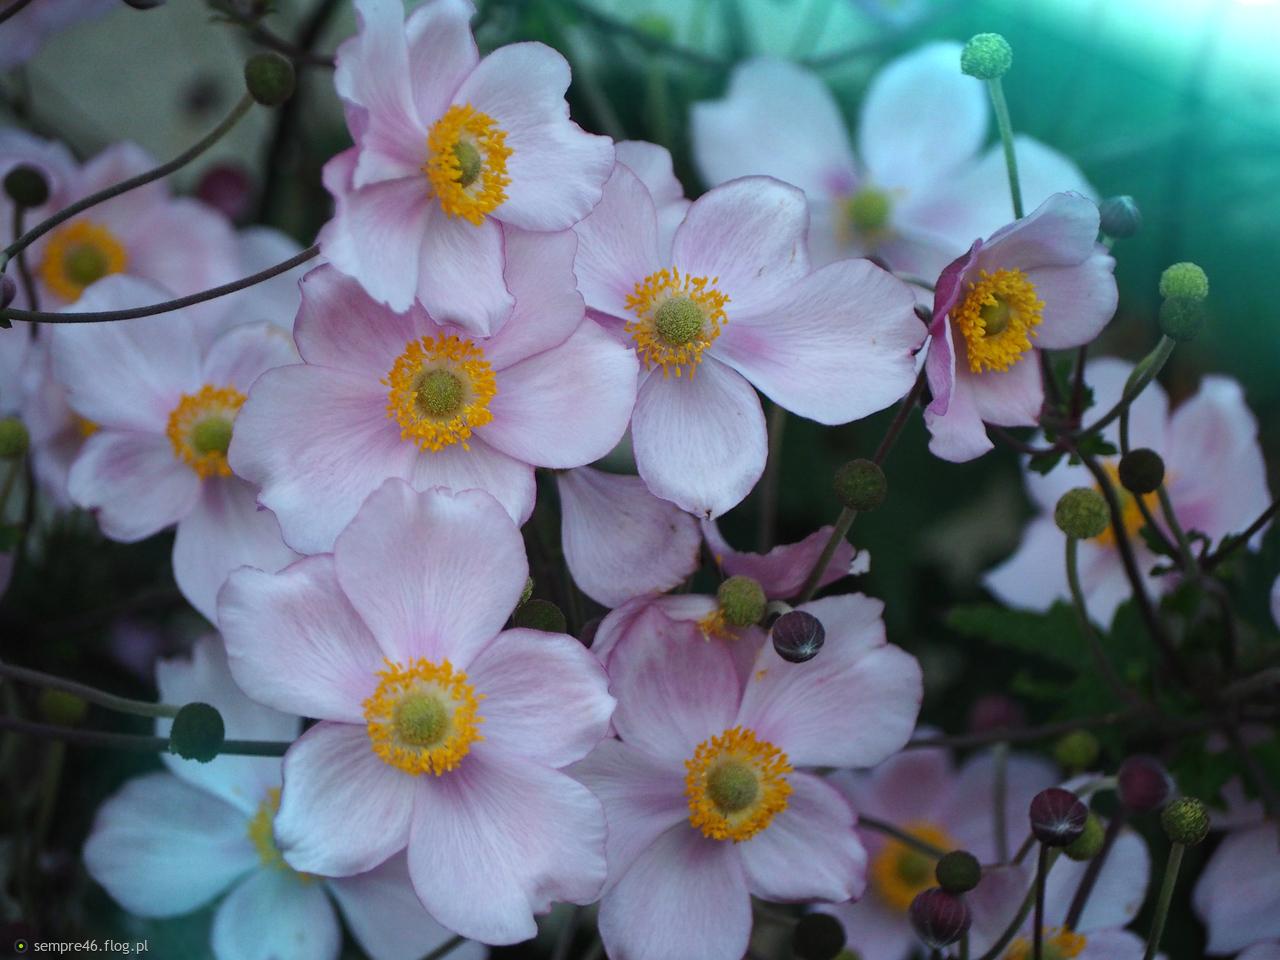 Jakie to kwiaty?